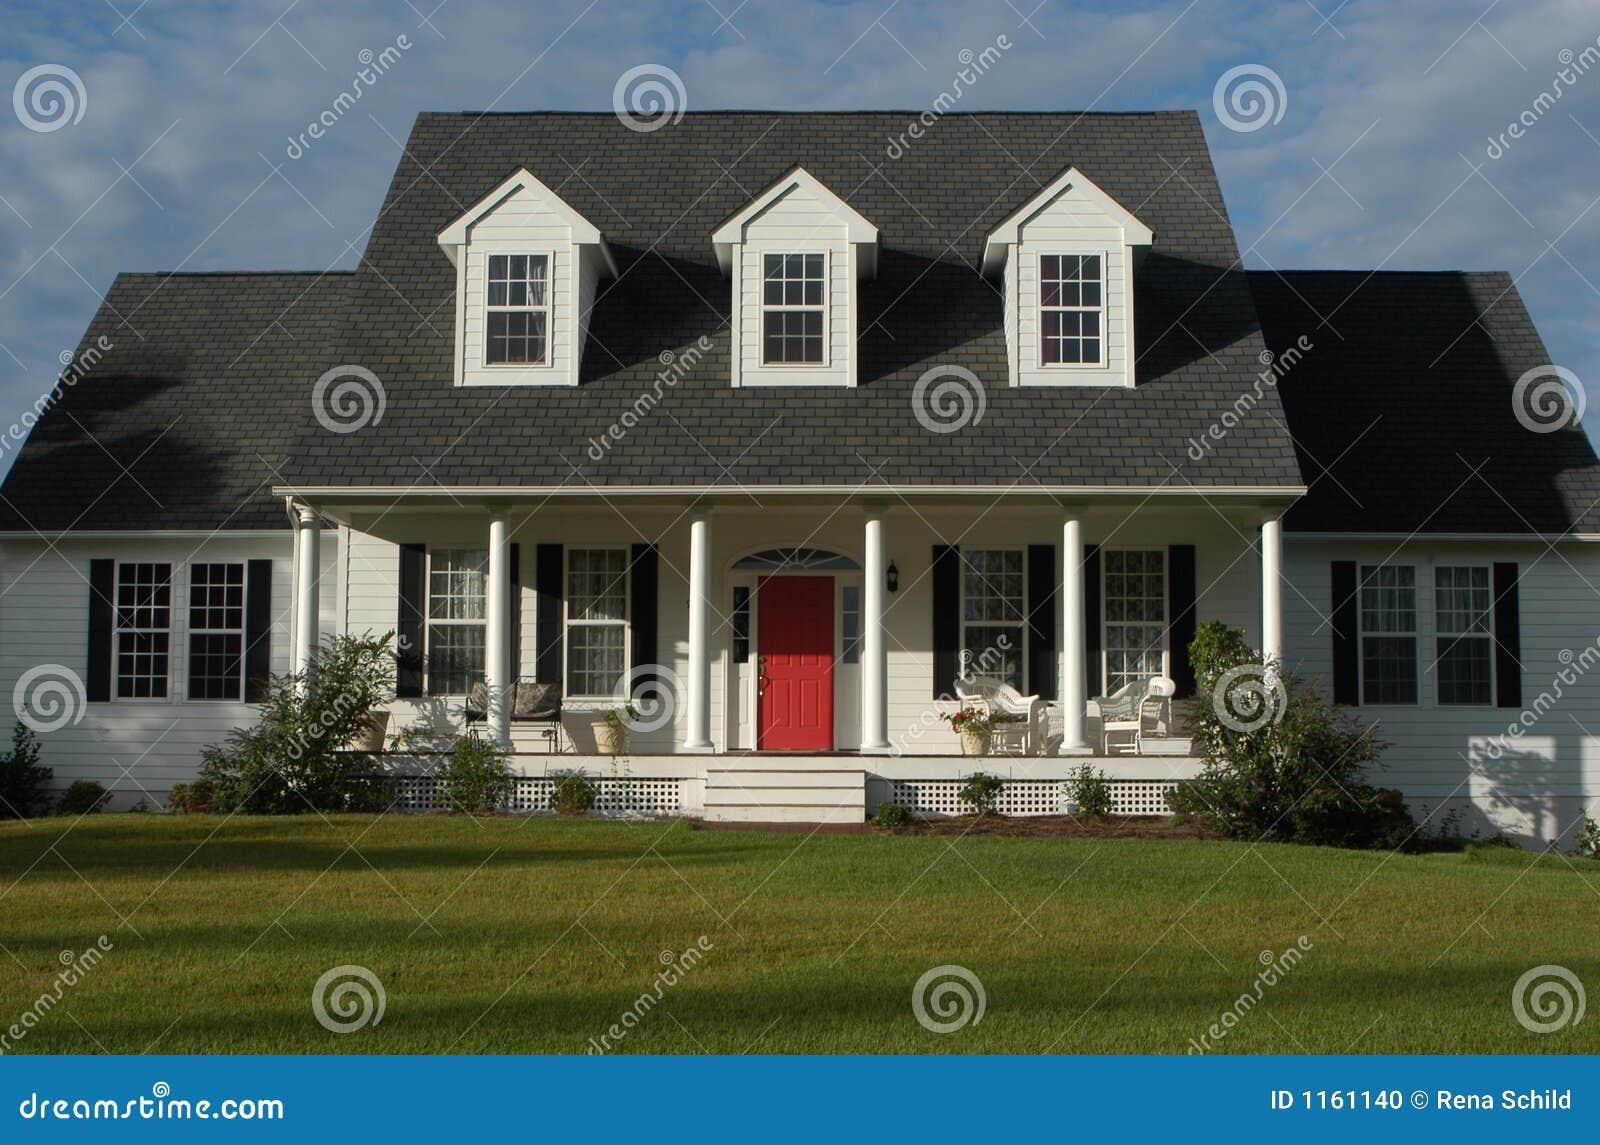 Maison am ricaine photo stock image 1161140 for Concepteurs de maison